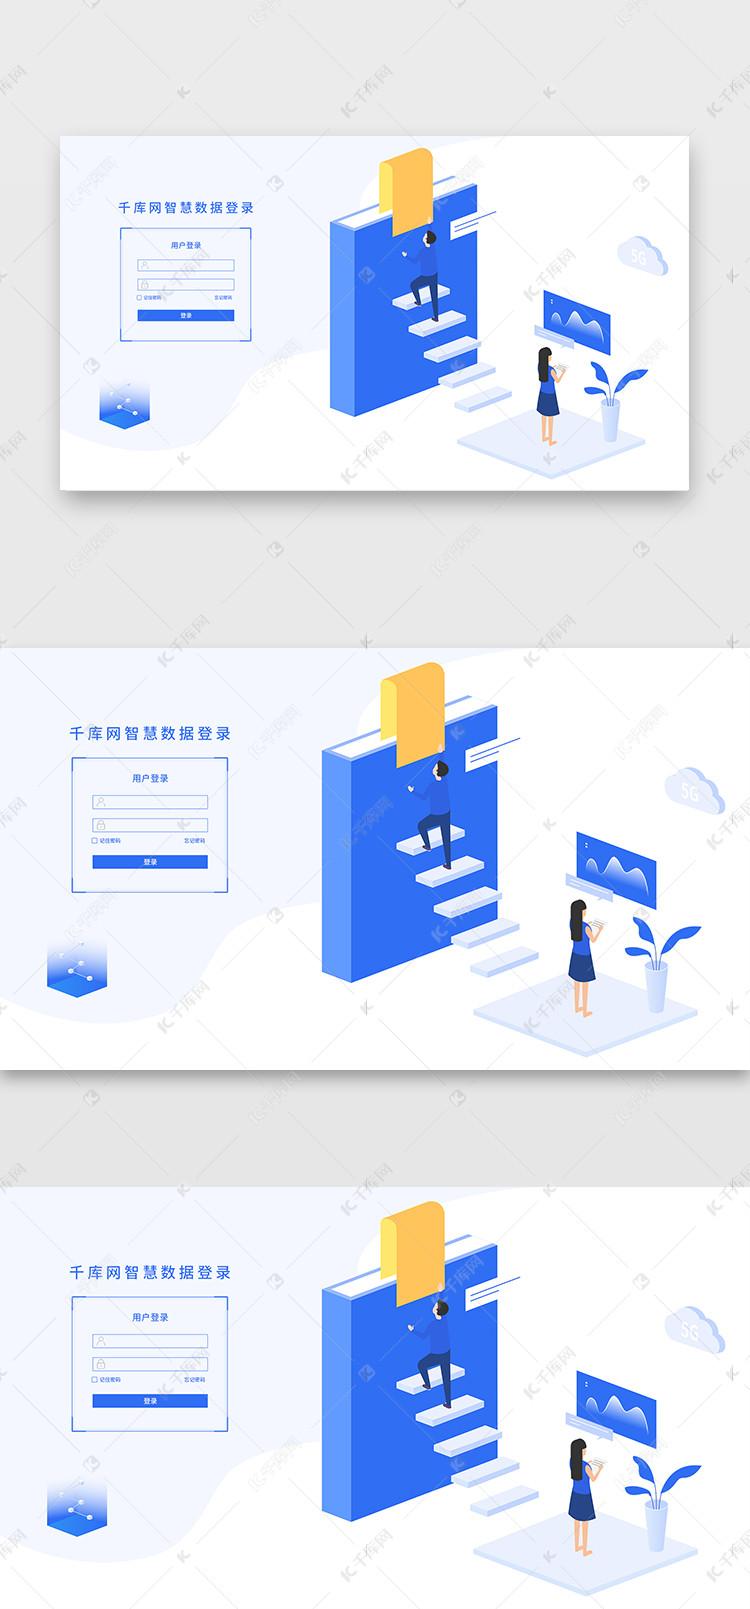 页面界面感简2.5D互联网蓝色风v页面商务ui窗台图片连床设计装修科技图片